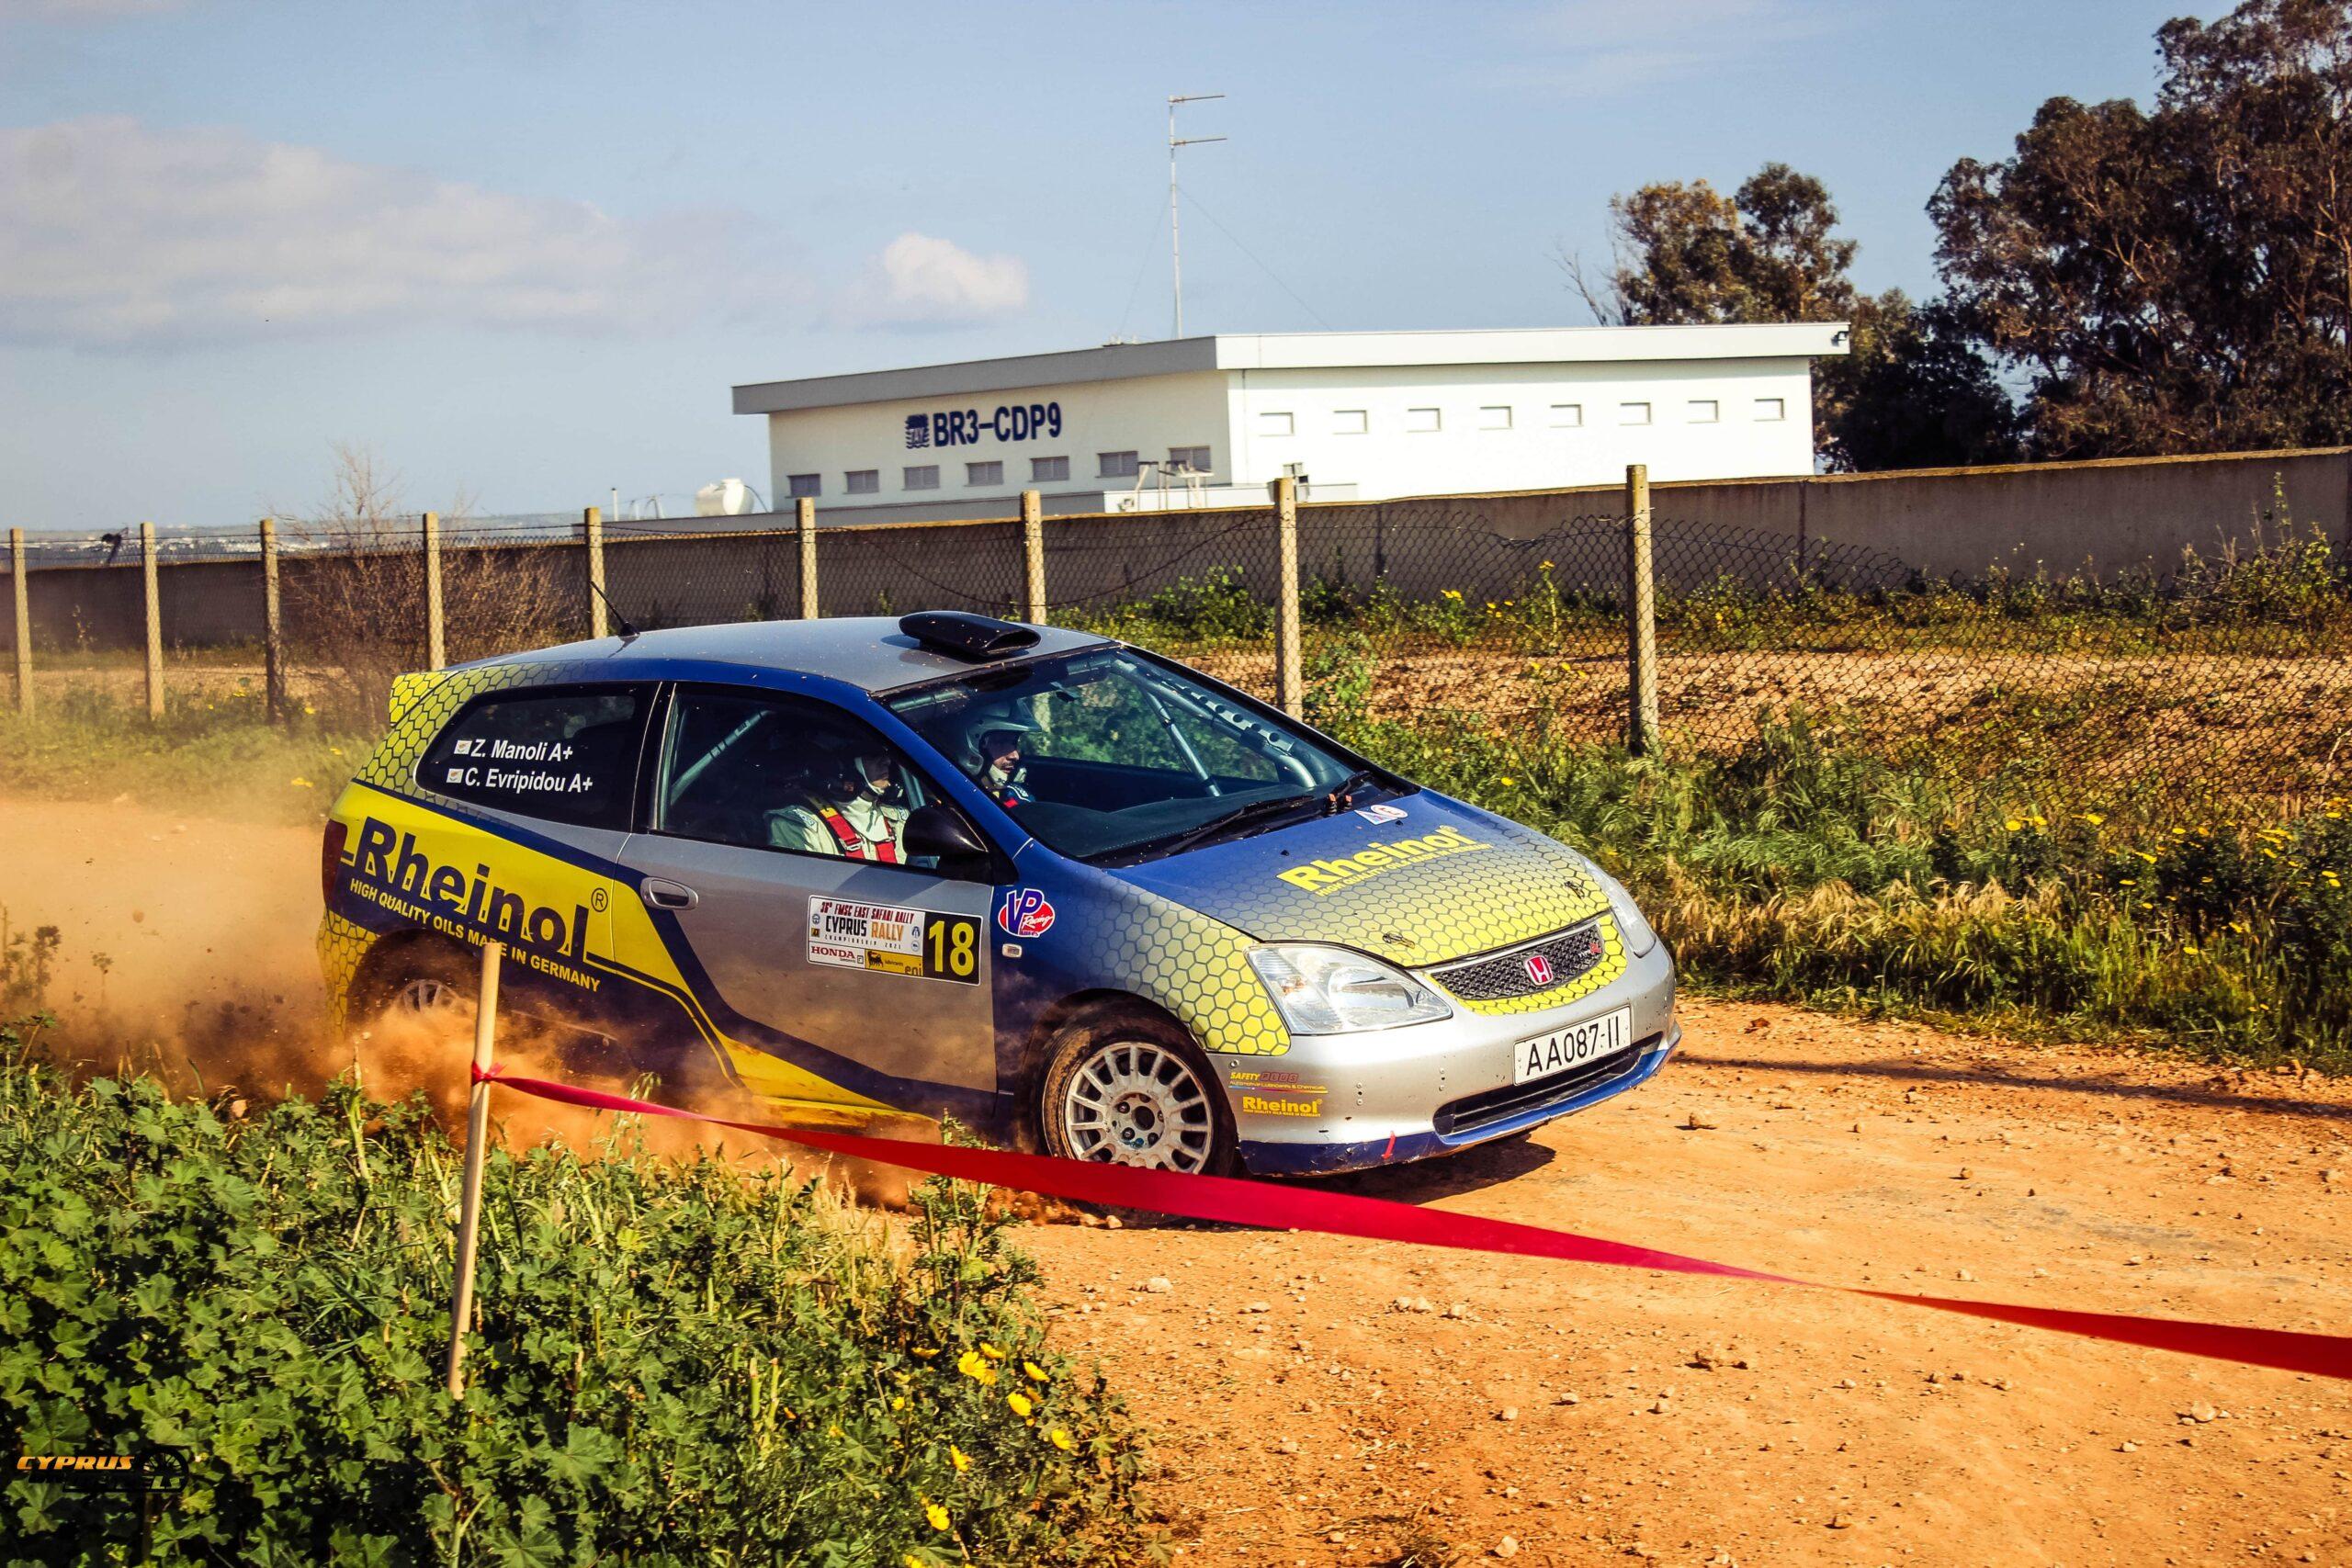 EP3 Rally car